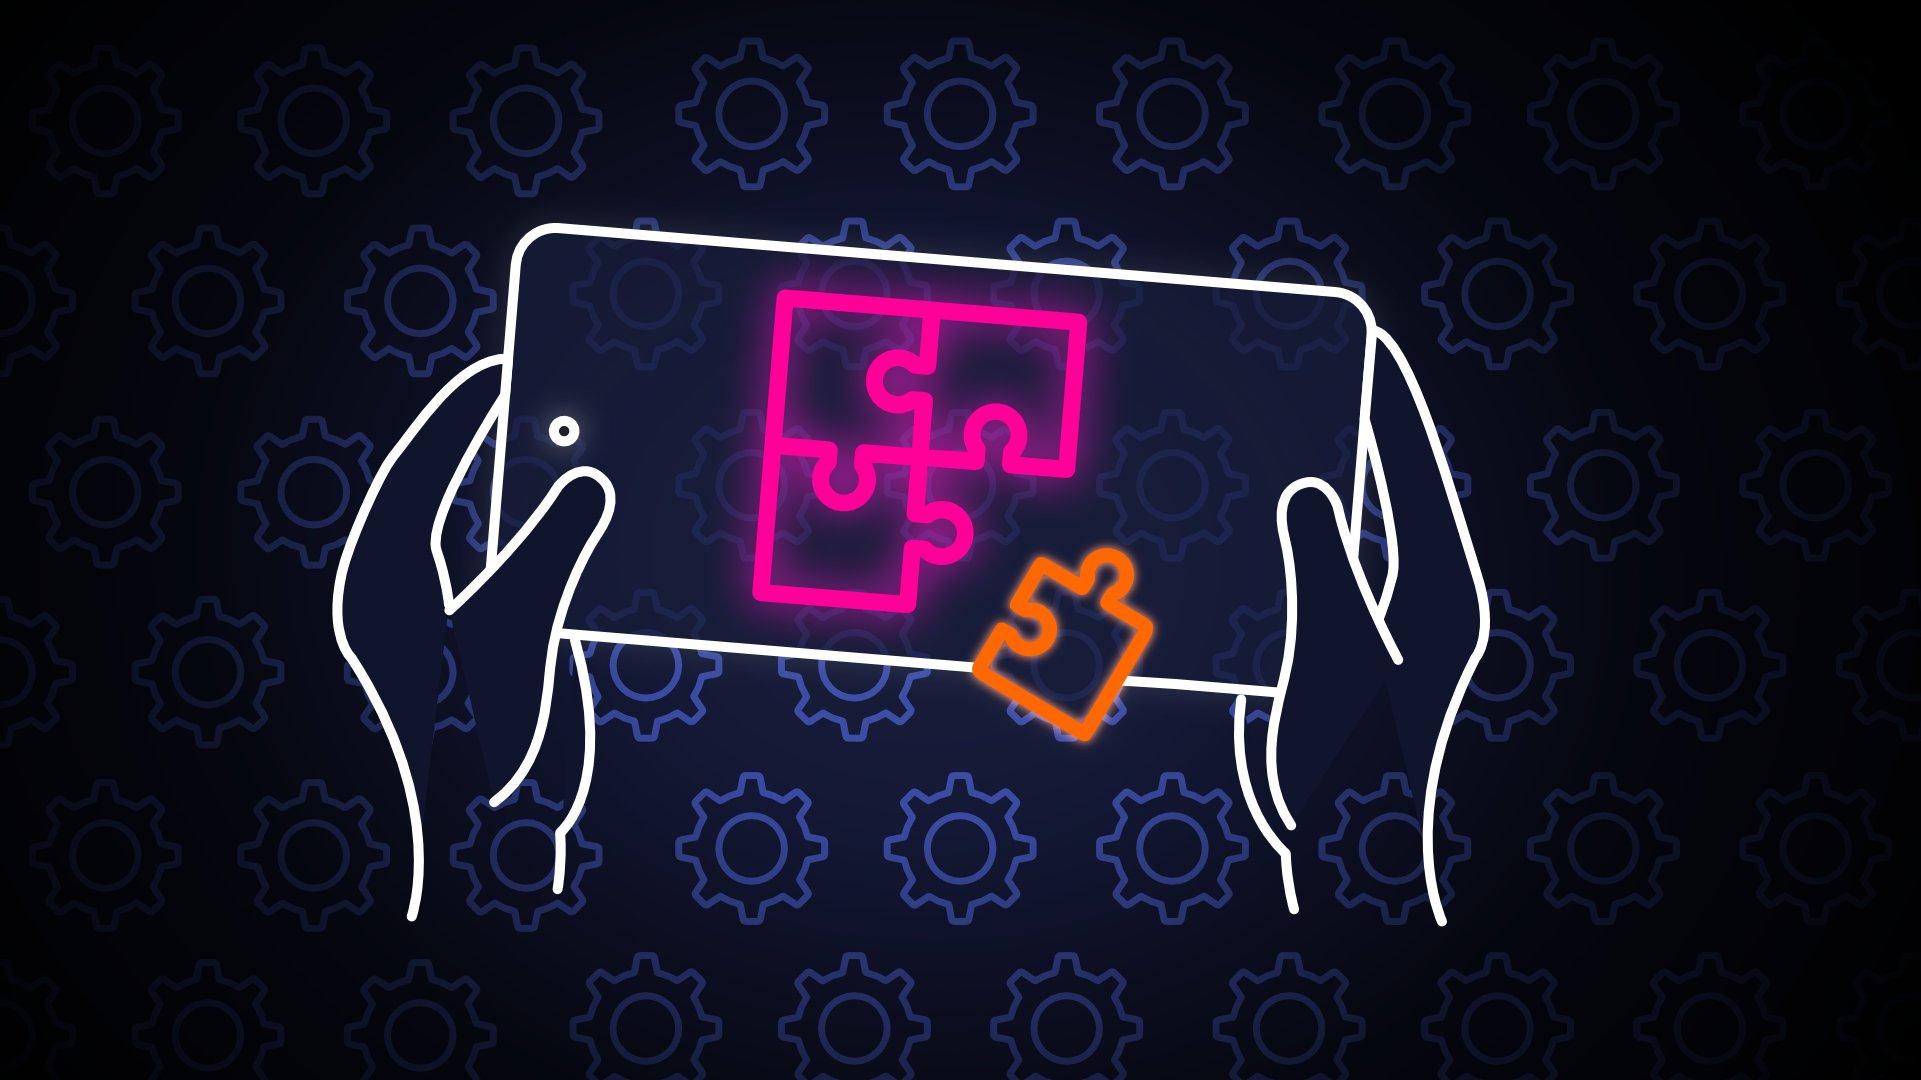 Les Meilleurs Jeux De Réflexion Gratuits Et Payants Sur Android concernant Jeux De Billes Gratuits